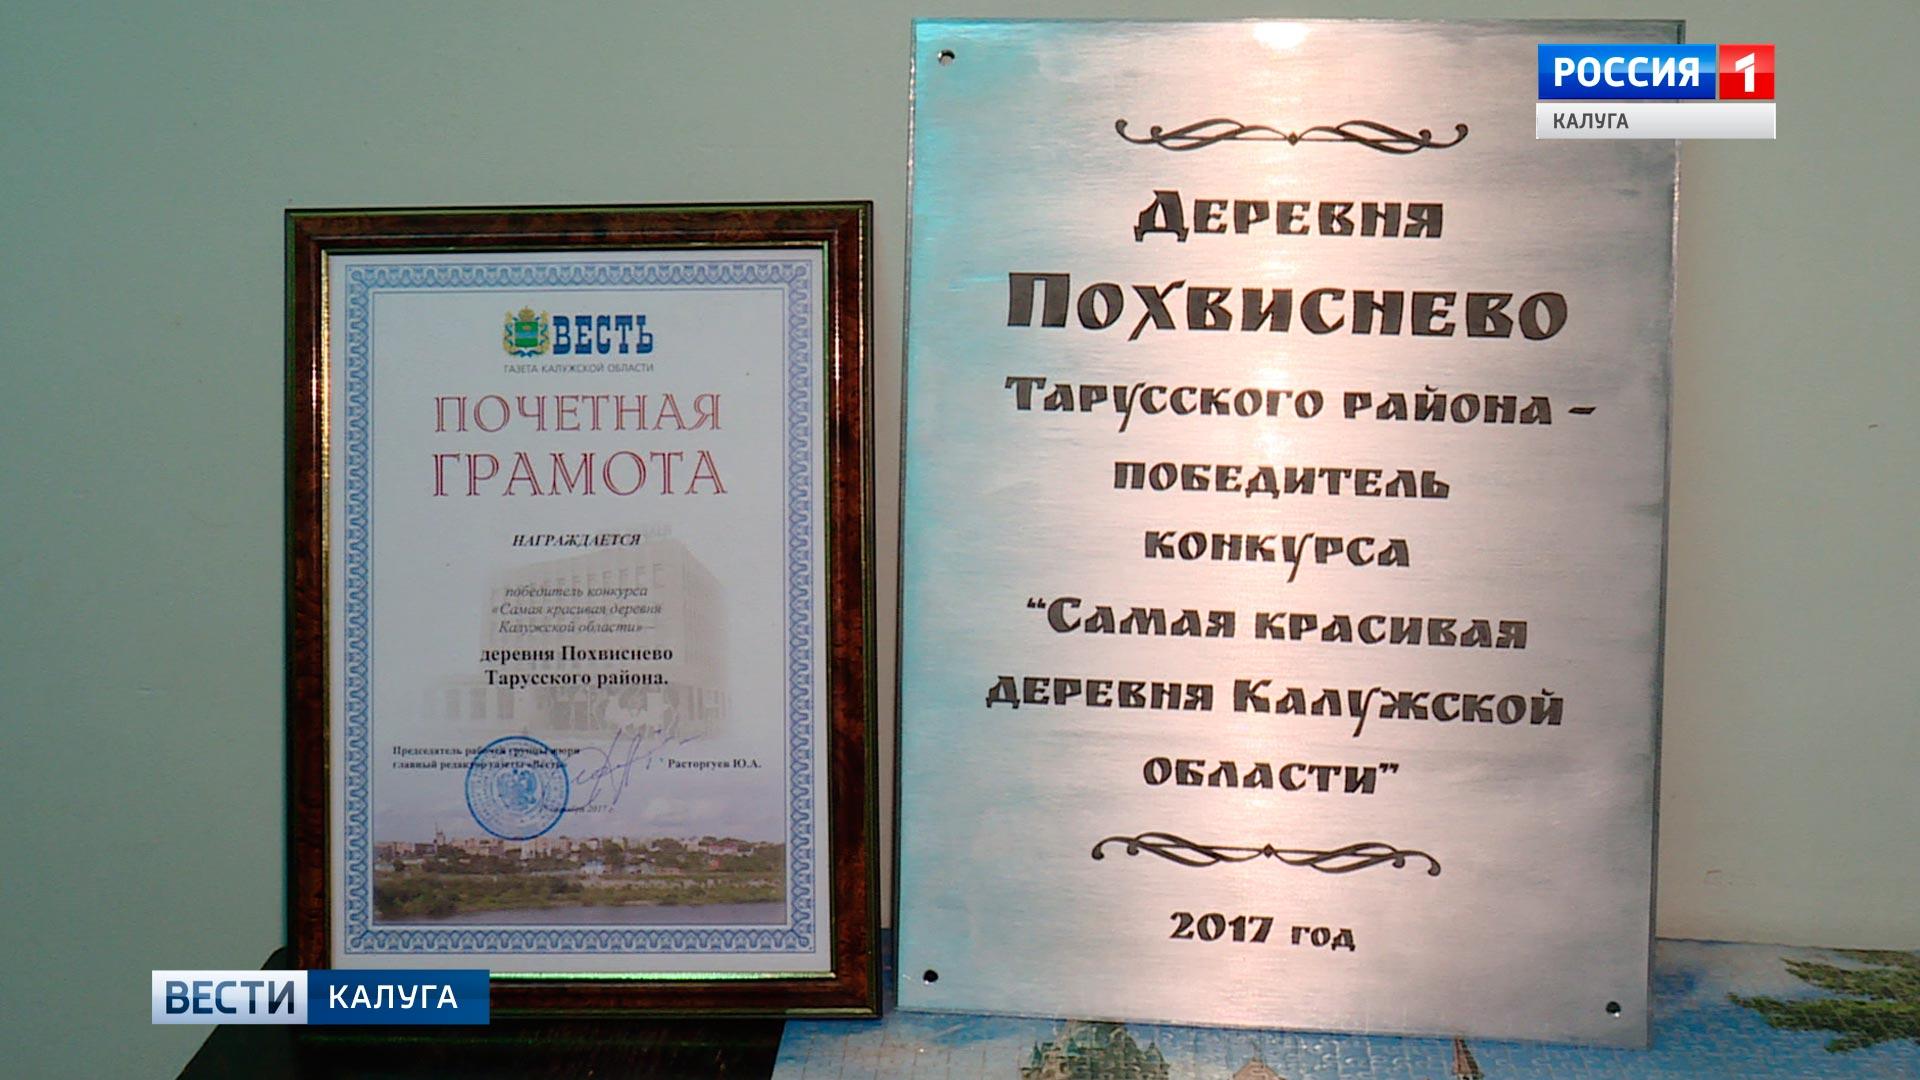 Самую красивую деревню выбрали вКалужской области